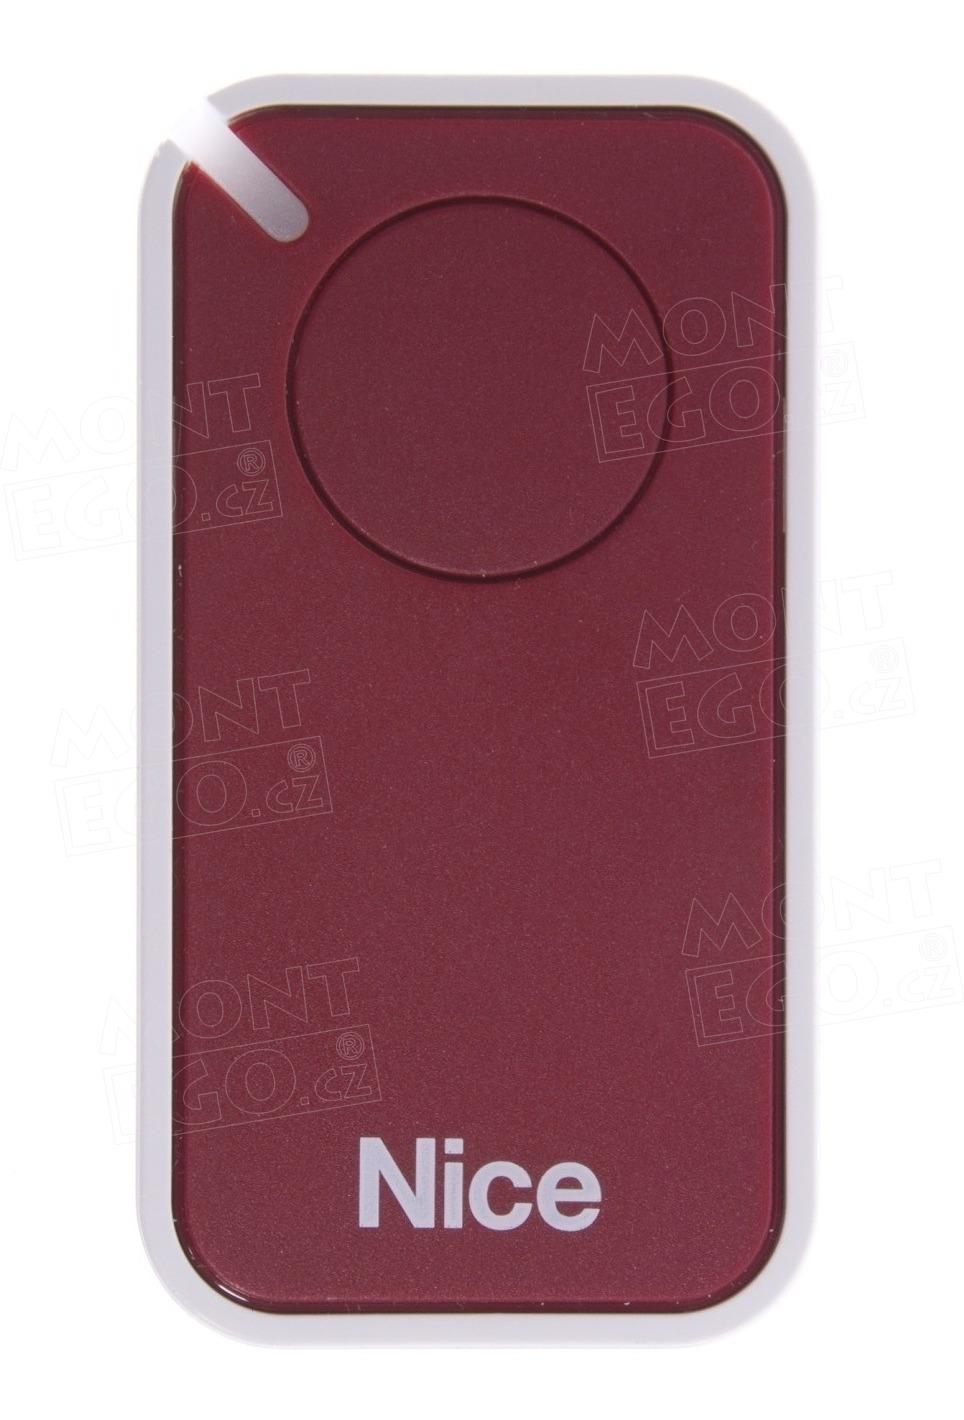 Dálkový vysílač pro pohony Nice INTI1R, 1 tlačítkový, červený, Nice ERA INTI